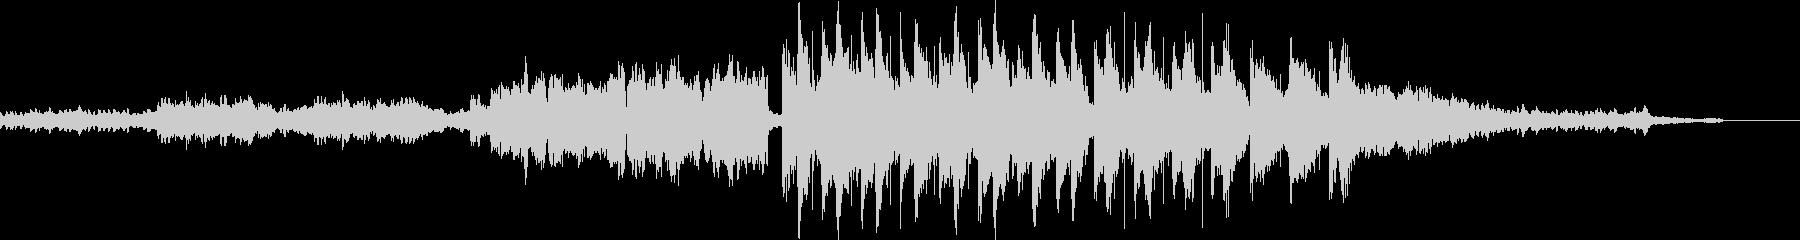 箏や和太鼓を使った和風の楽曲の未再生の波形